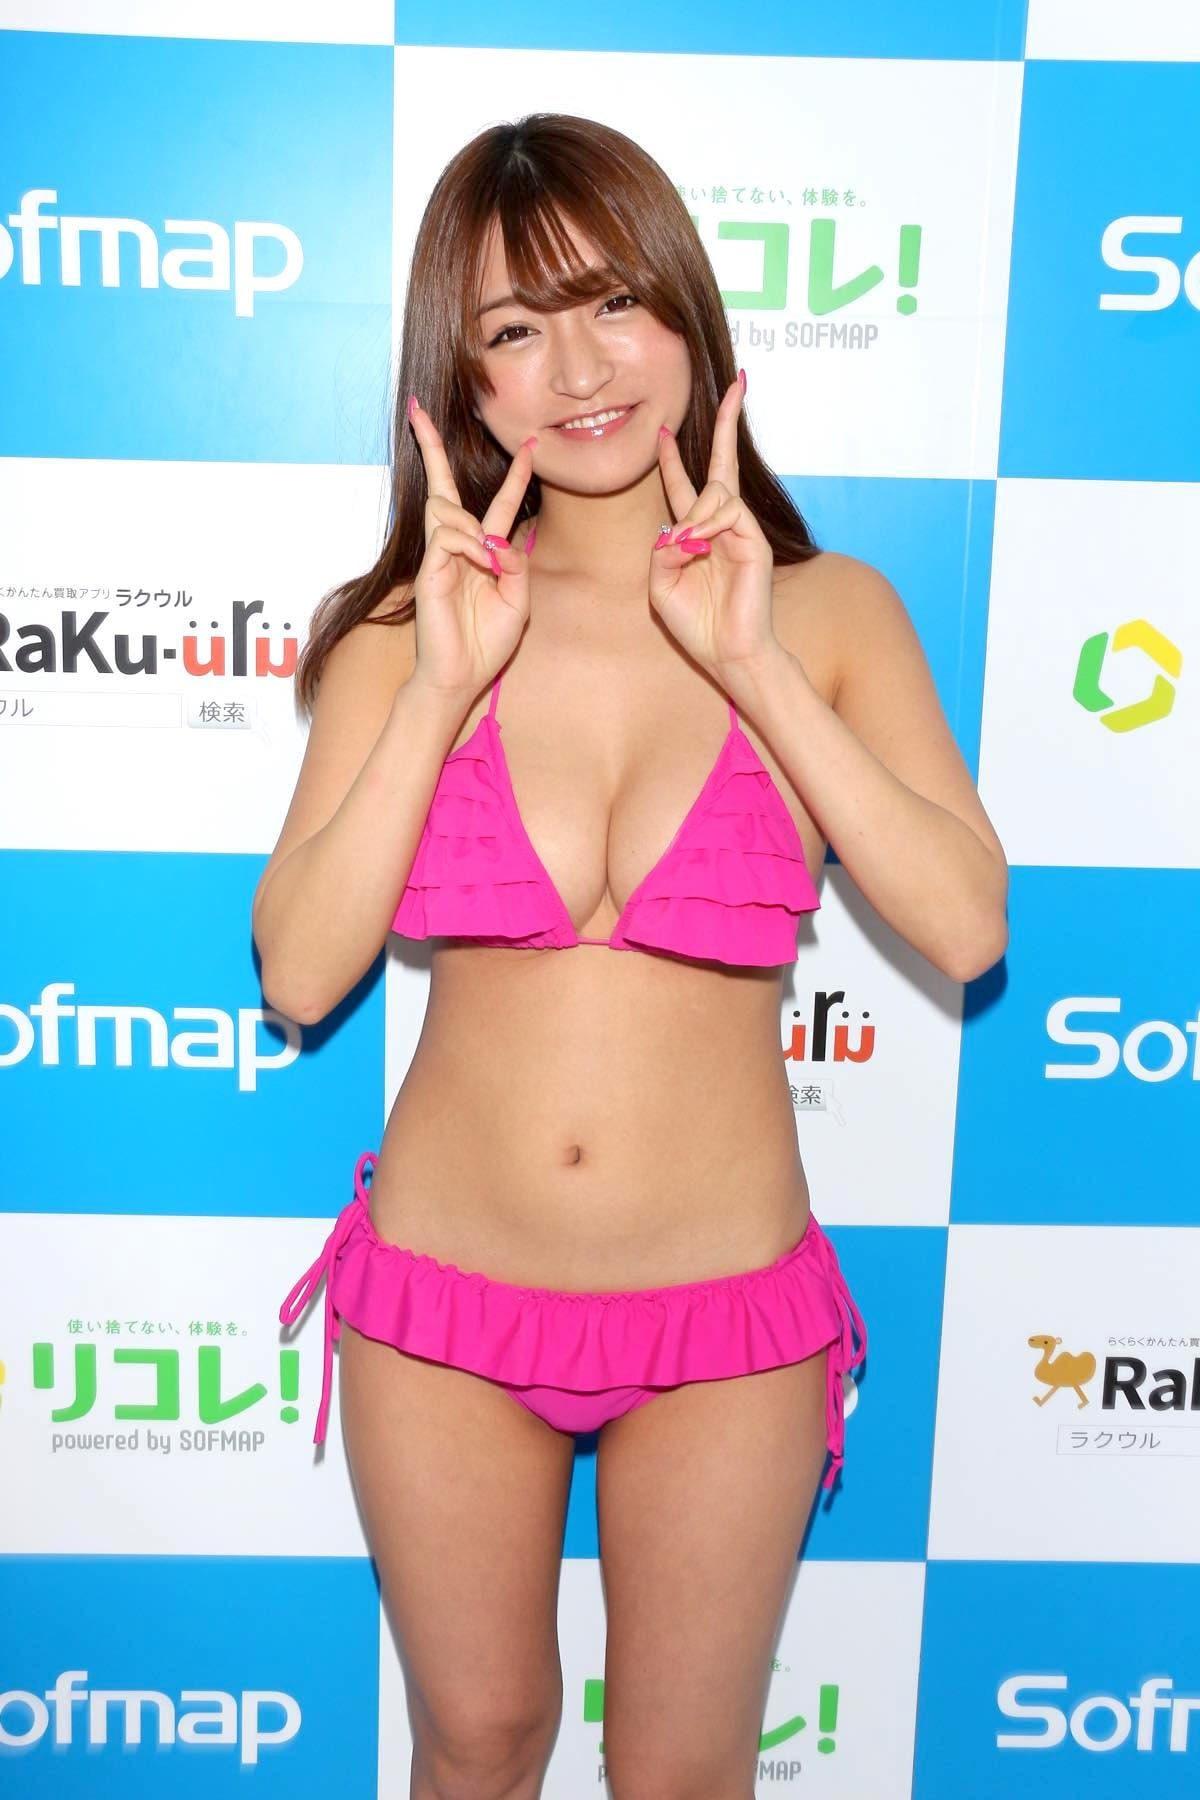 ☆HOSHINO「シャツがどんどん透けちゃう」エプロンはほぼ裸!【写真35枚】の画像014